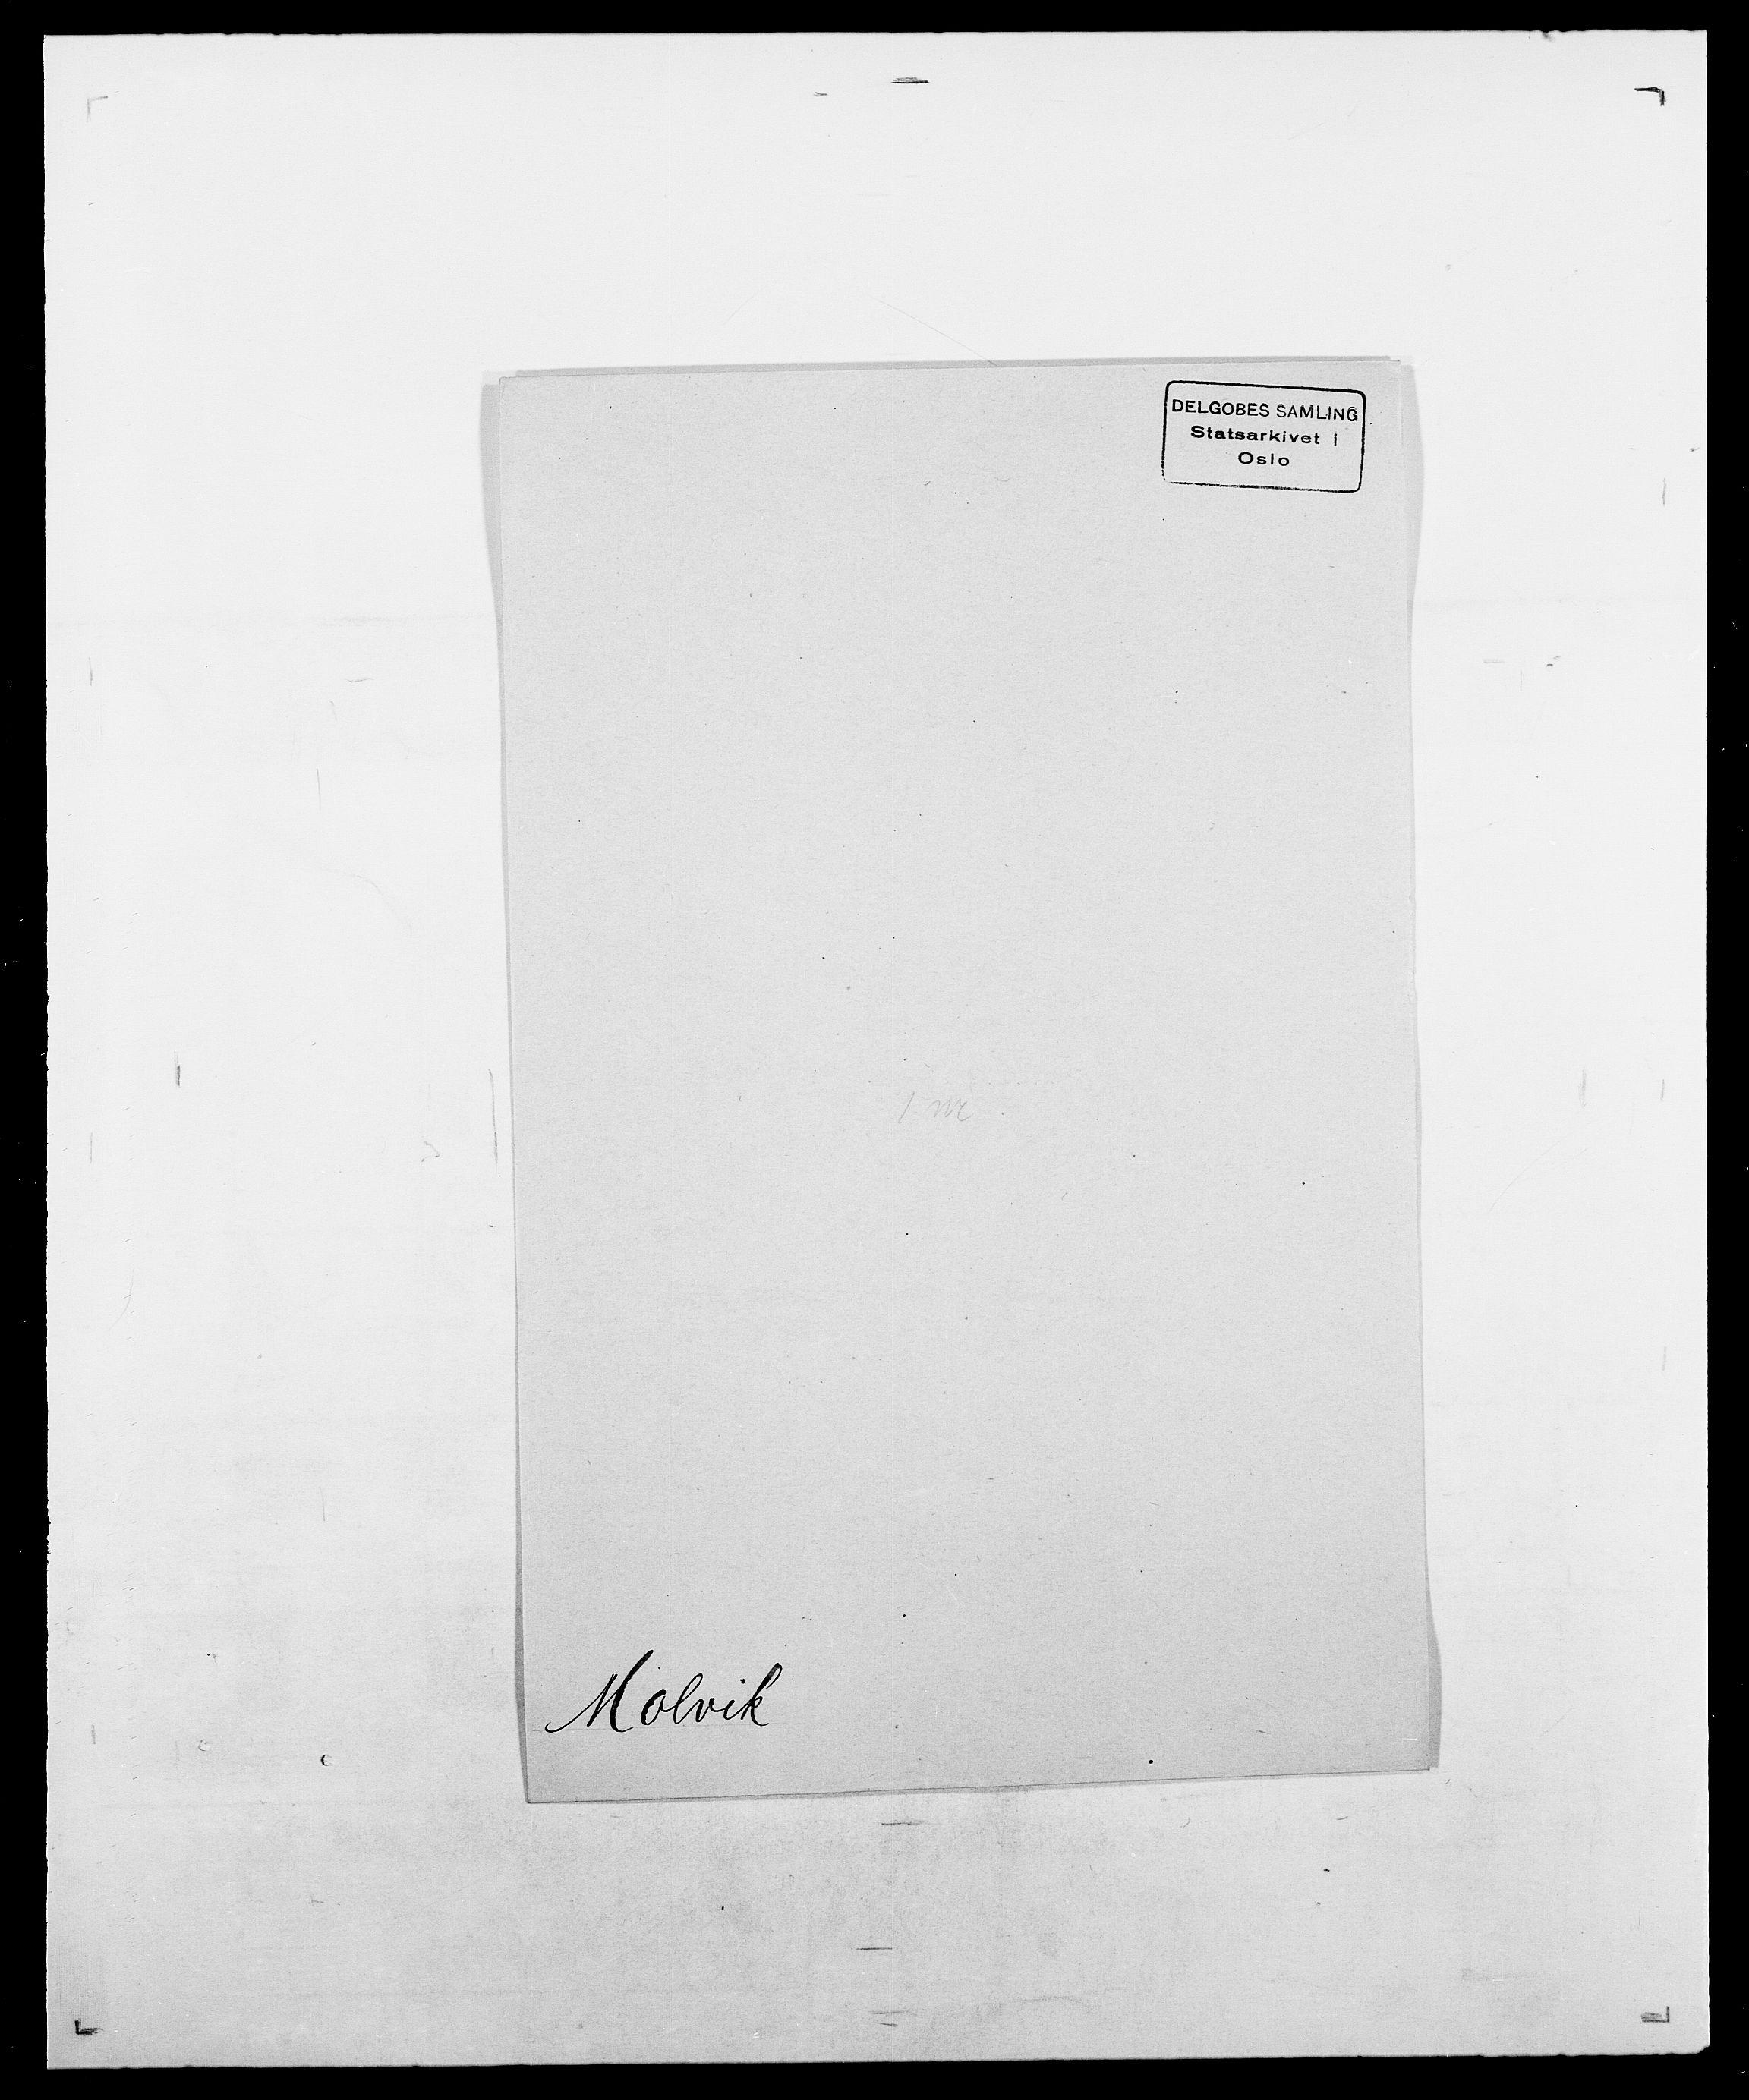 SAO, Delgobe, Charles Antoine - samling, D/Da/L0026: Mechelby - Montoppidan, s. 791